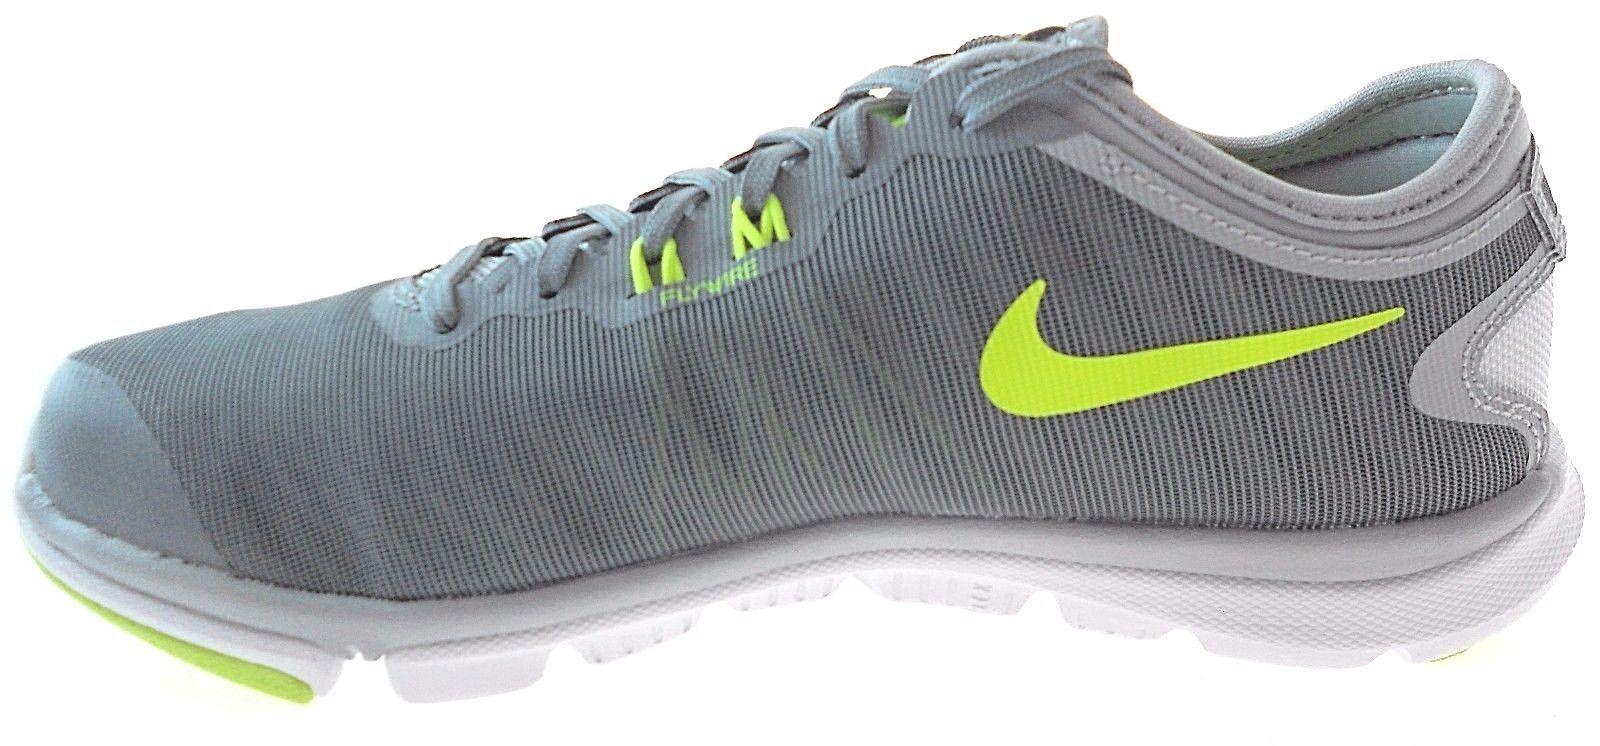 495 Best Nike Sneakers (December 2019)   RunRepeat großer